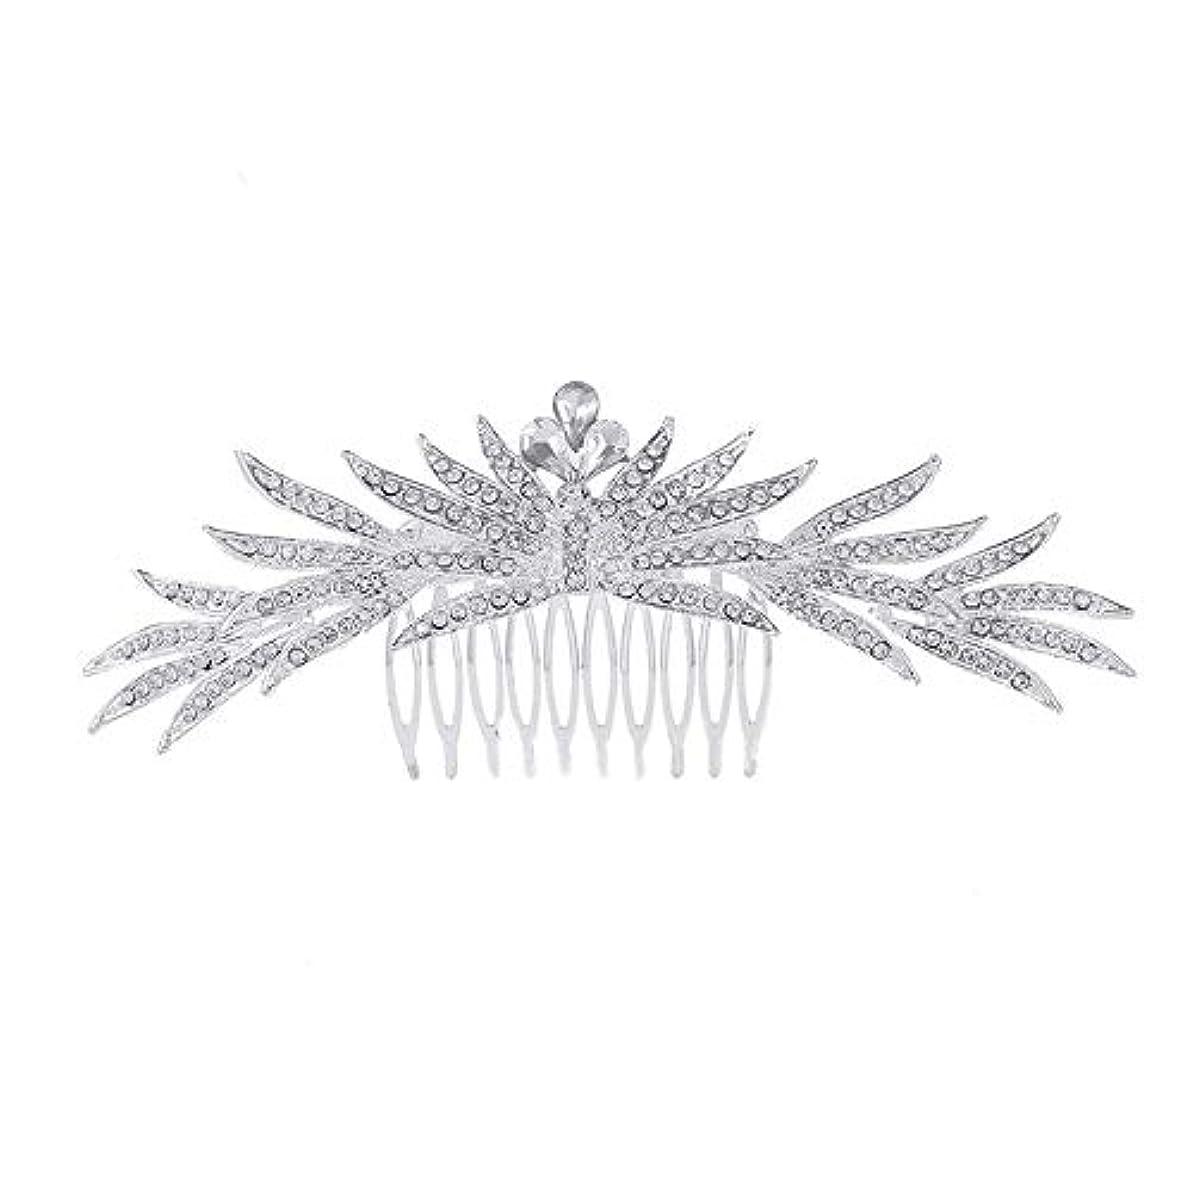 かける無数のセイはさておき髪の櫛の櫛の櫛花嫁の髪の櫛ラインストーンの櫛亜鉛合金ブライダルヘッドドレス結婚式のアクセサリー挿入櫛